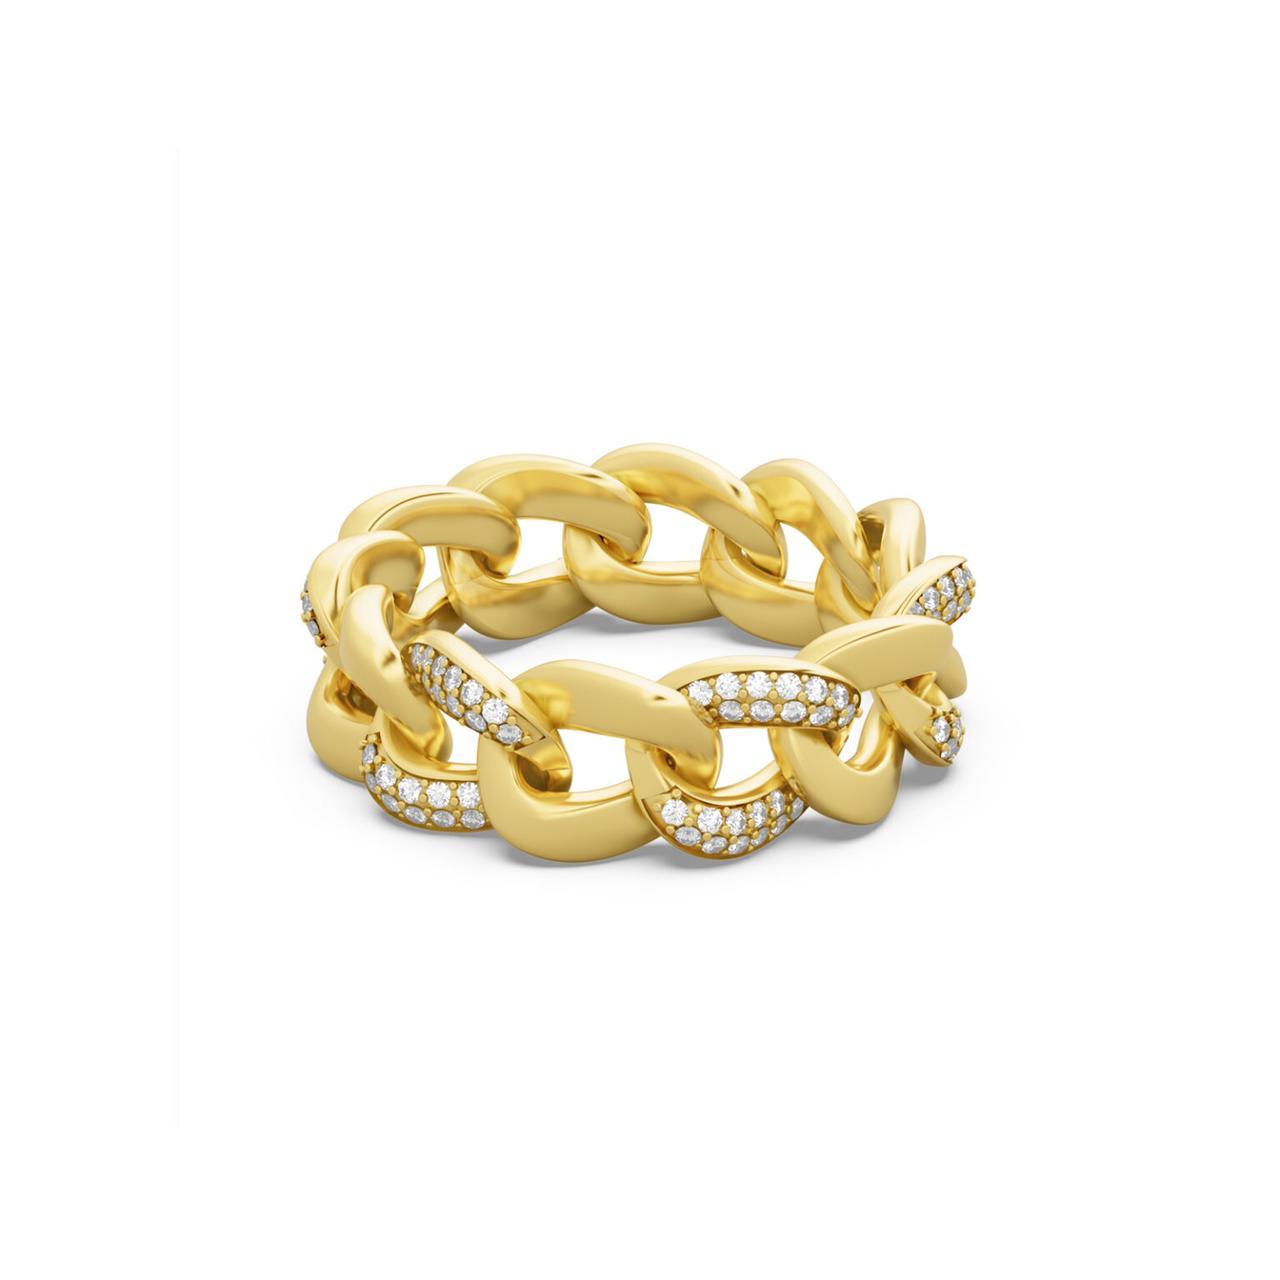 خاتم كوبا بالذهب والألماس من علامة أكوا جويلز Aquae Jewels